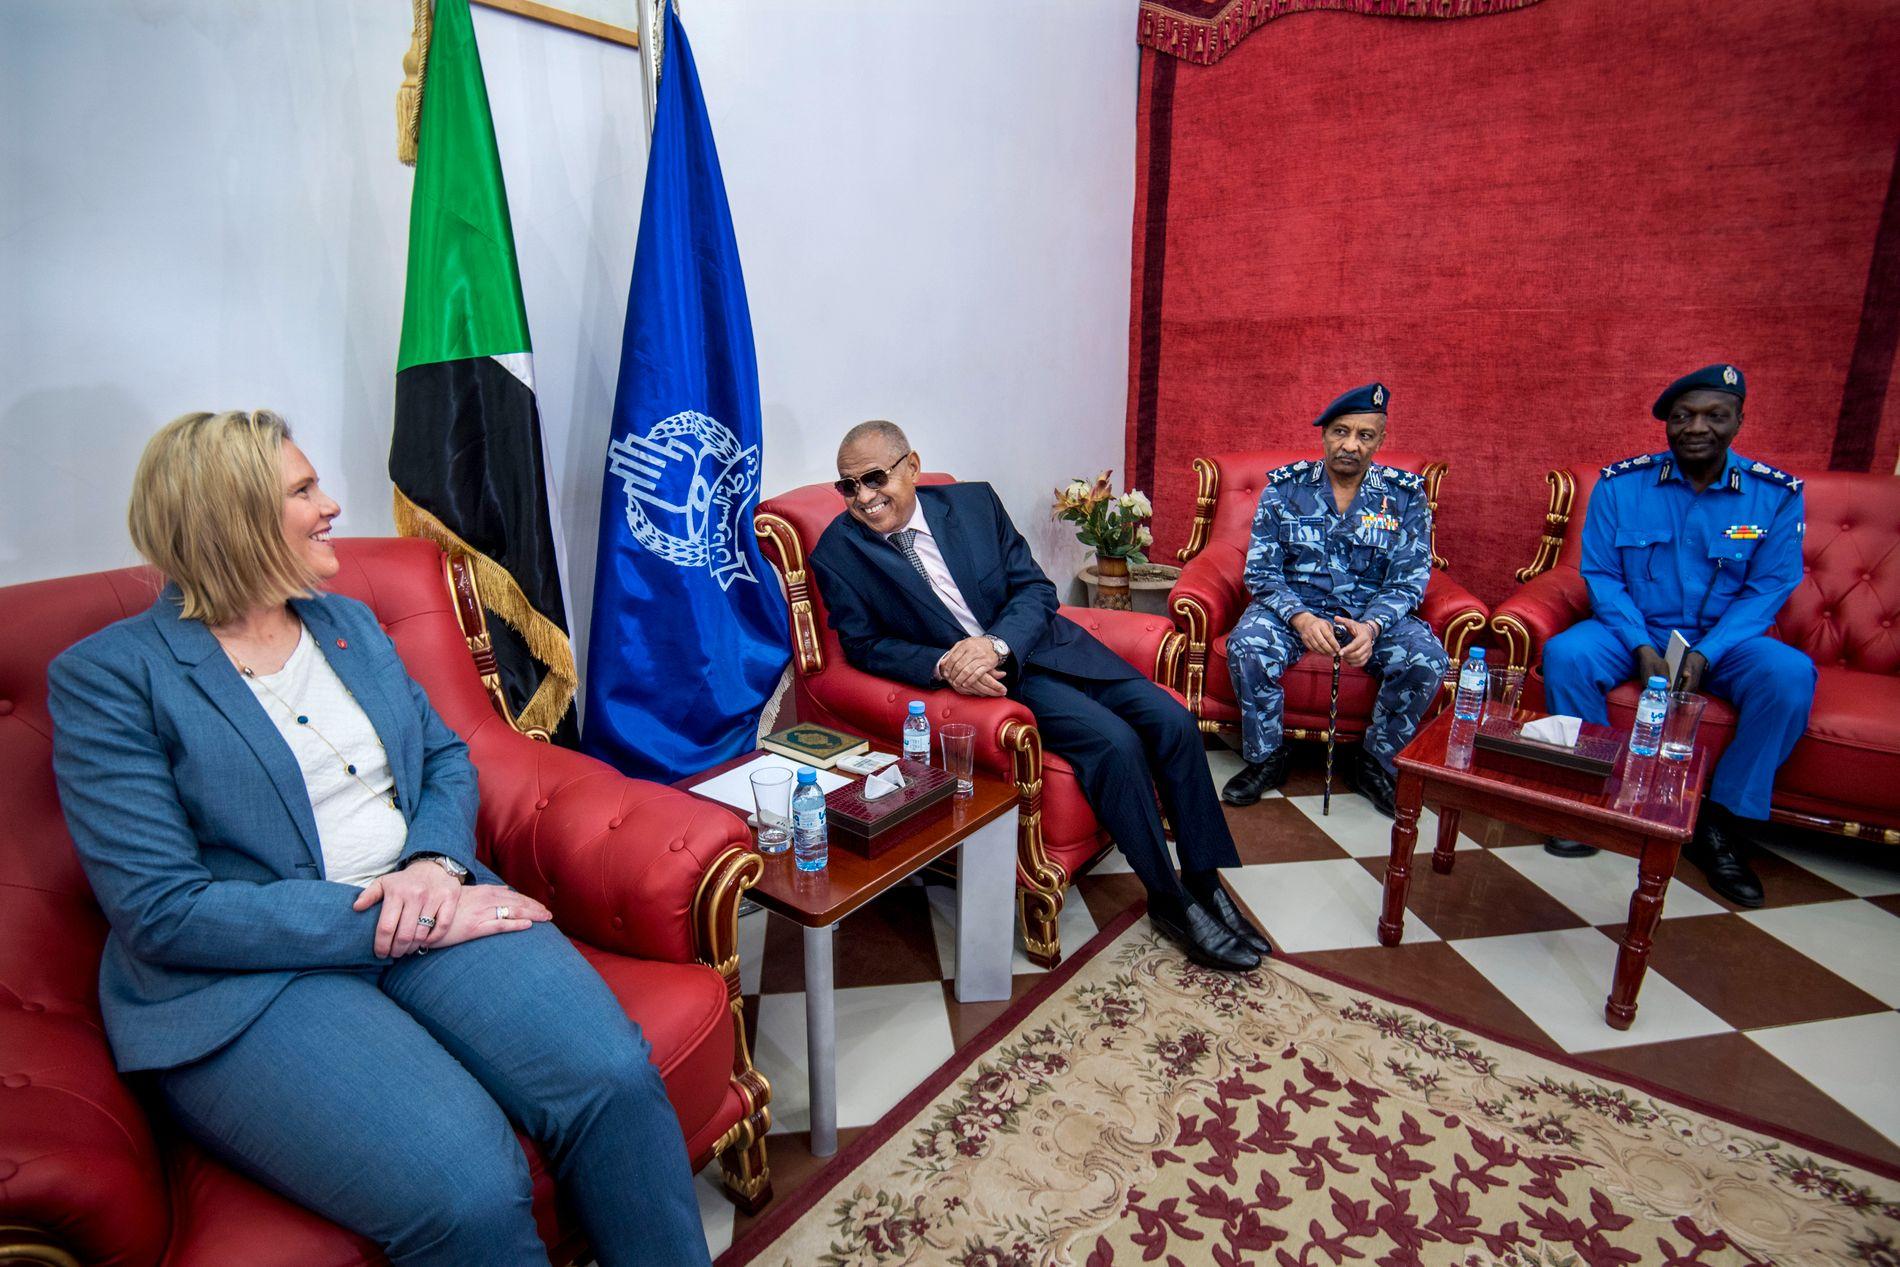 MIGRASJON: Innvandrings- og integreringsminister Sylvi Listhaug (t.v.) og Sudans innvandringsminister er ikke bare enige om hvordan migrasjonen mellom Afrika og Europa skal håndteres.